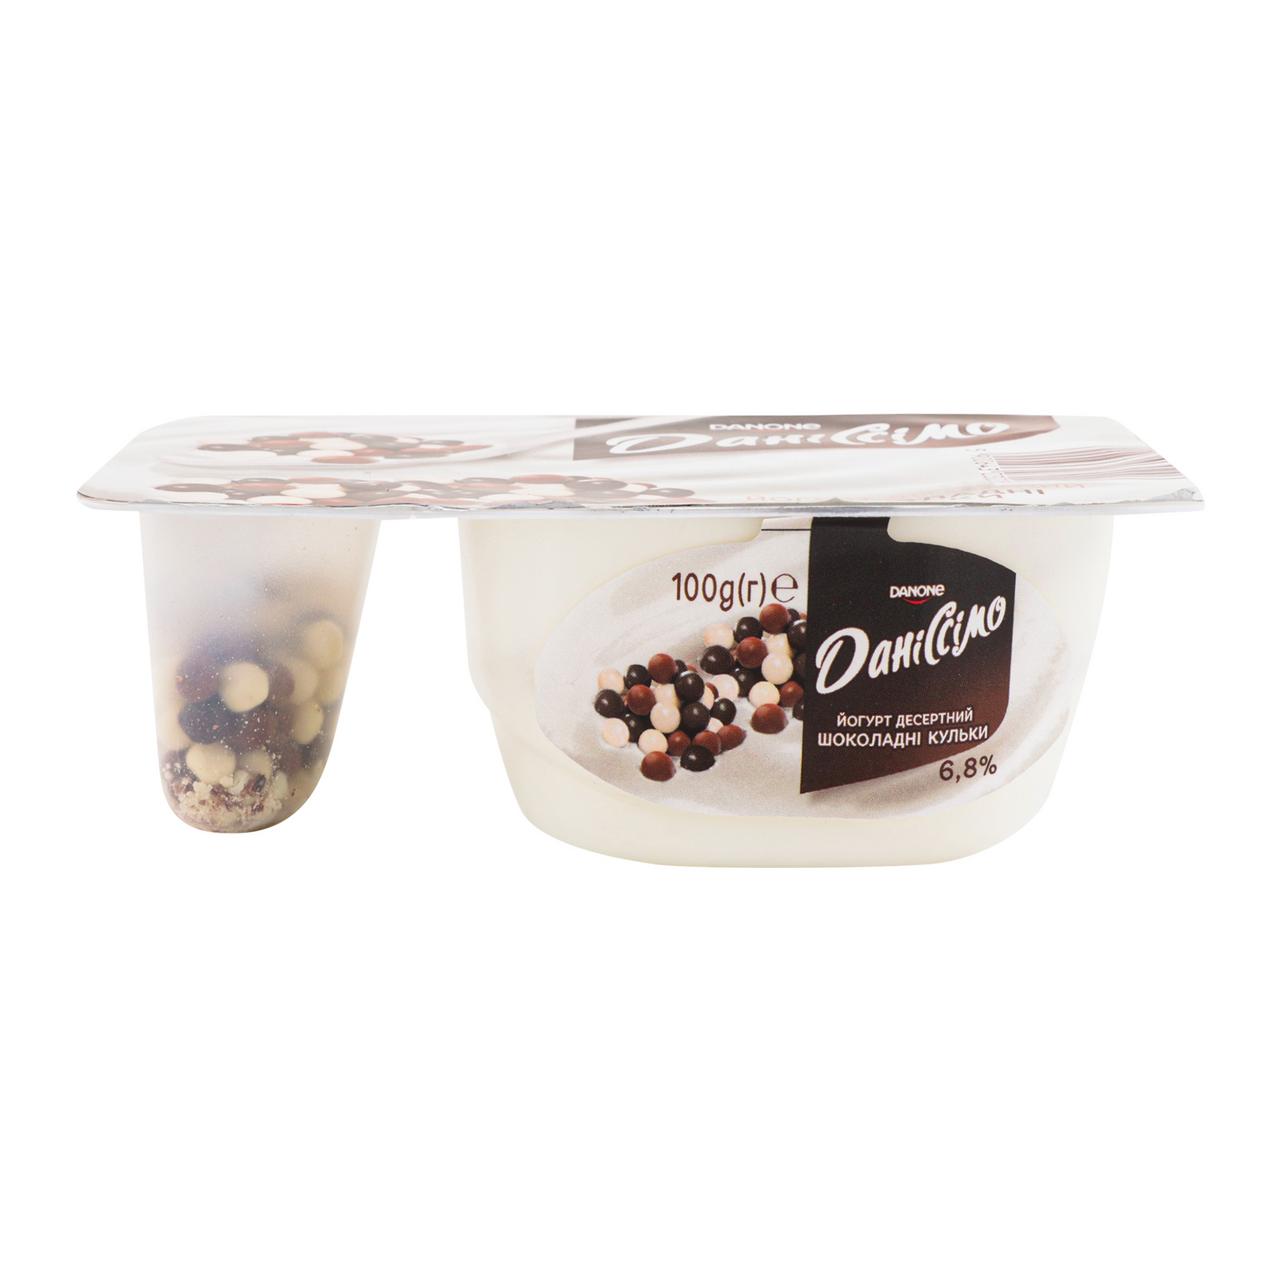 Йогурт Даниссимо Шоколадні кульки 6.8% 100г